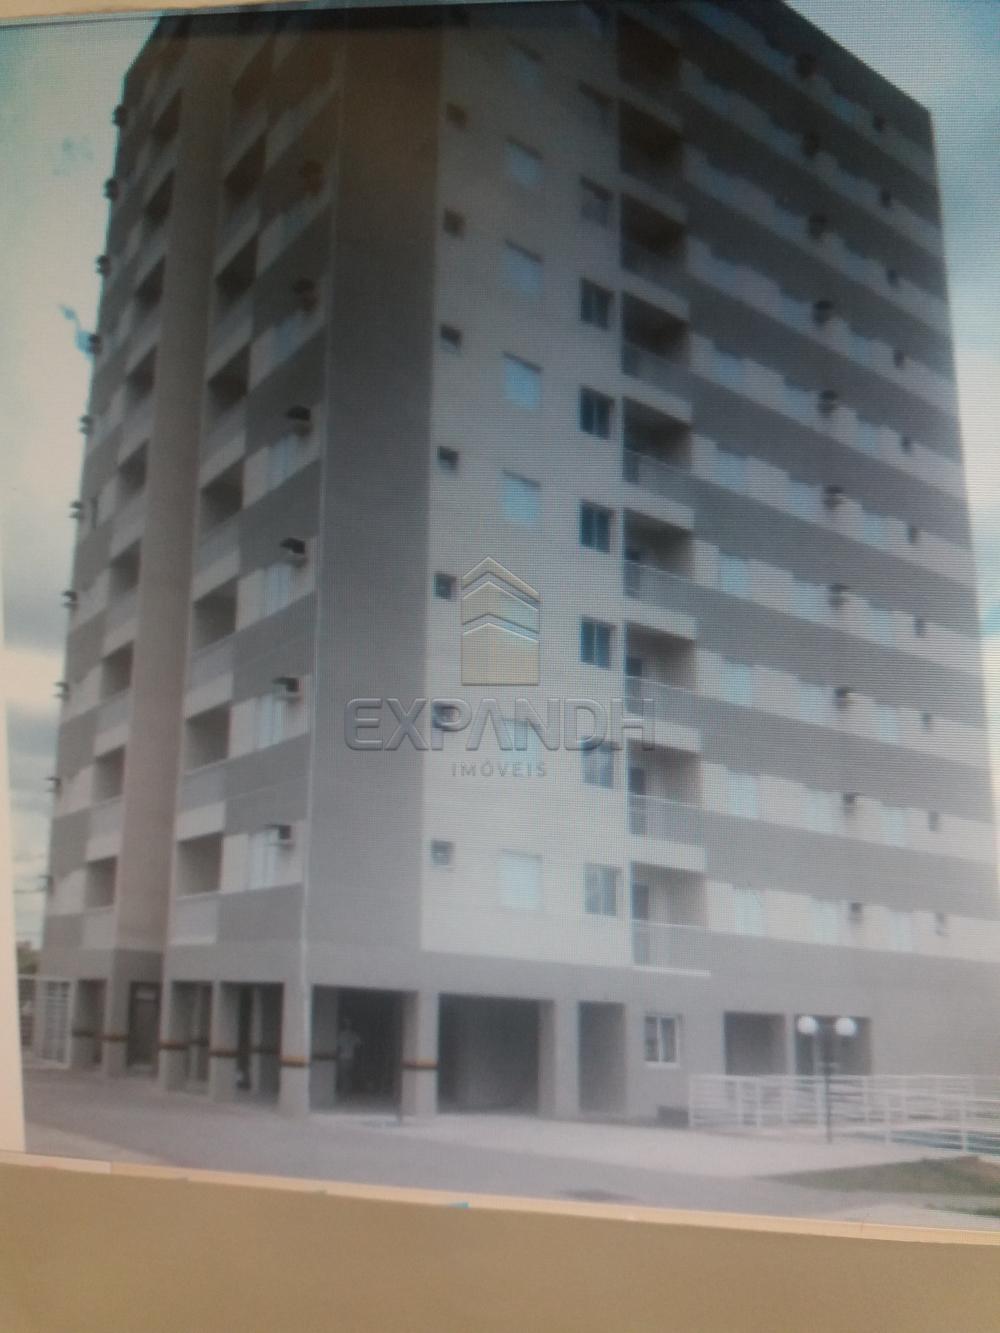 Comprar Apartamentos / Padrão em Ribeirão Preto R$ 180.000,00 - Foto 1